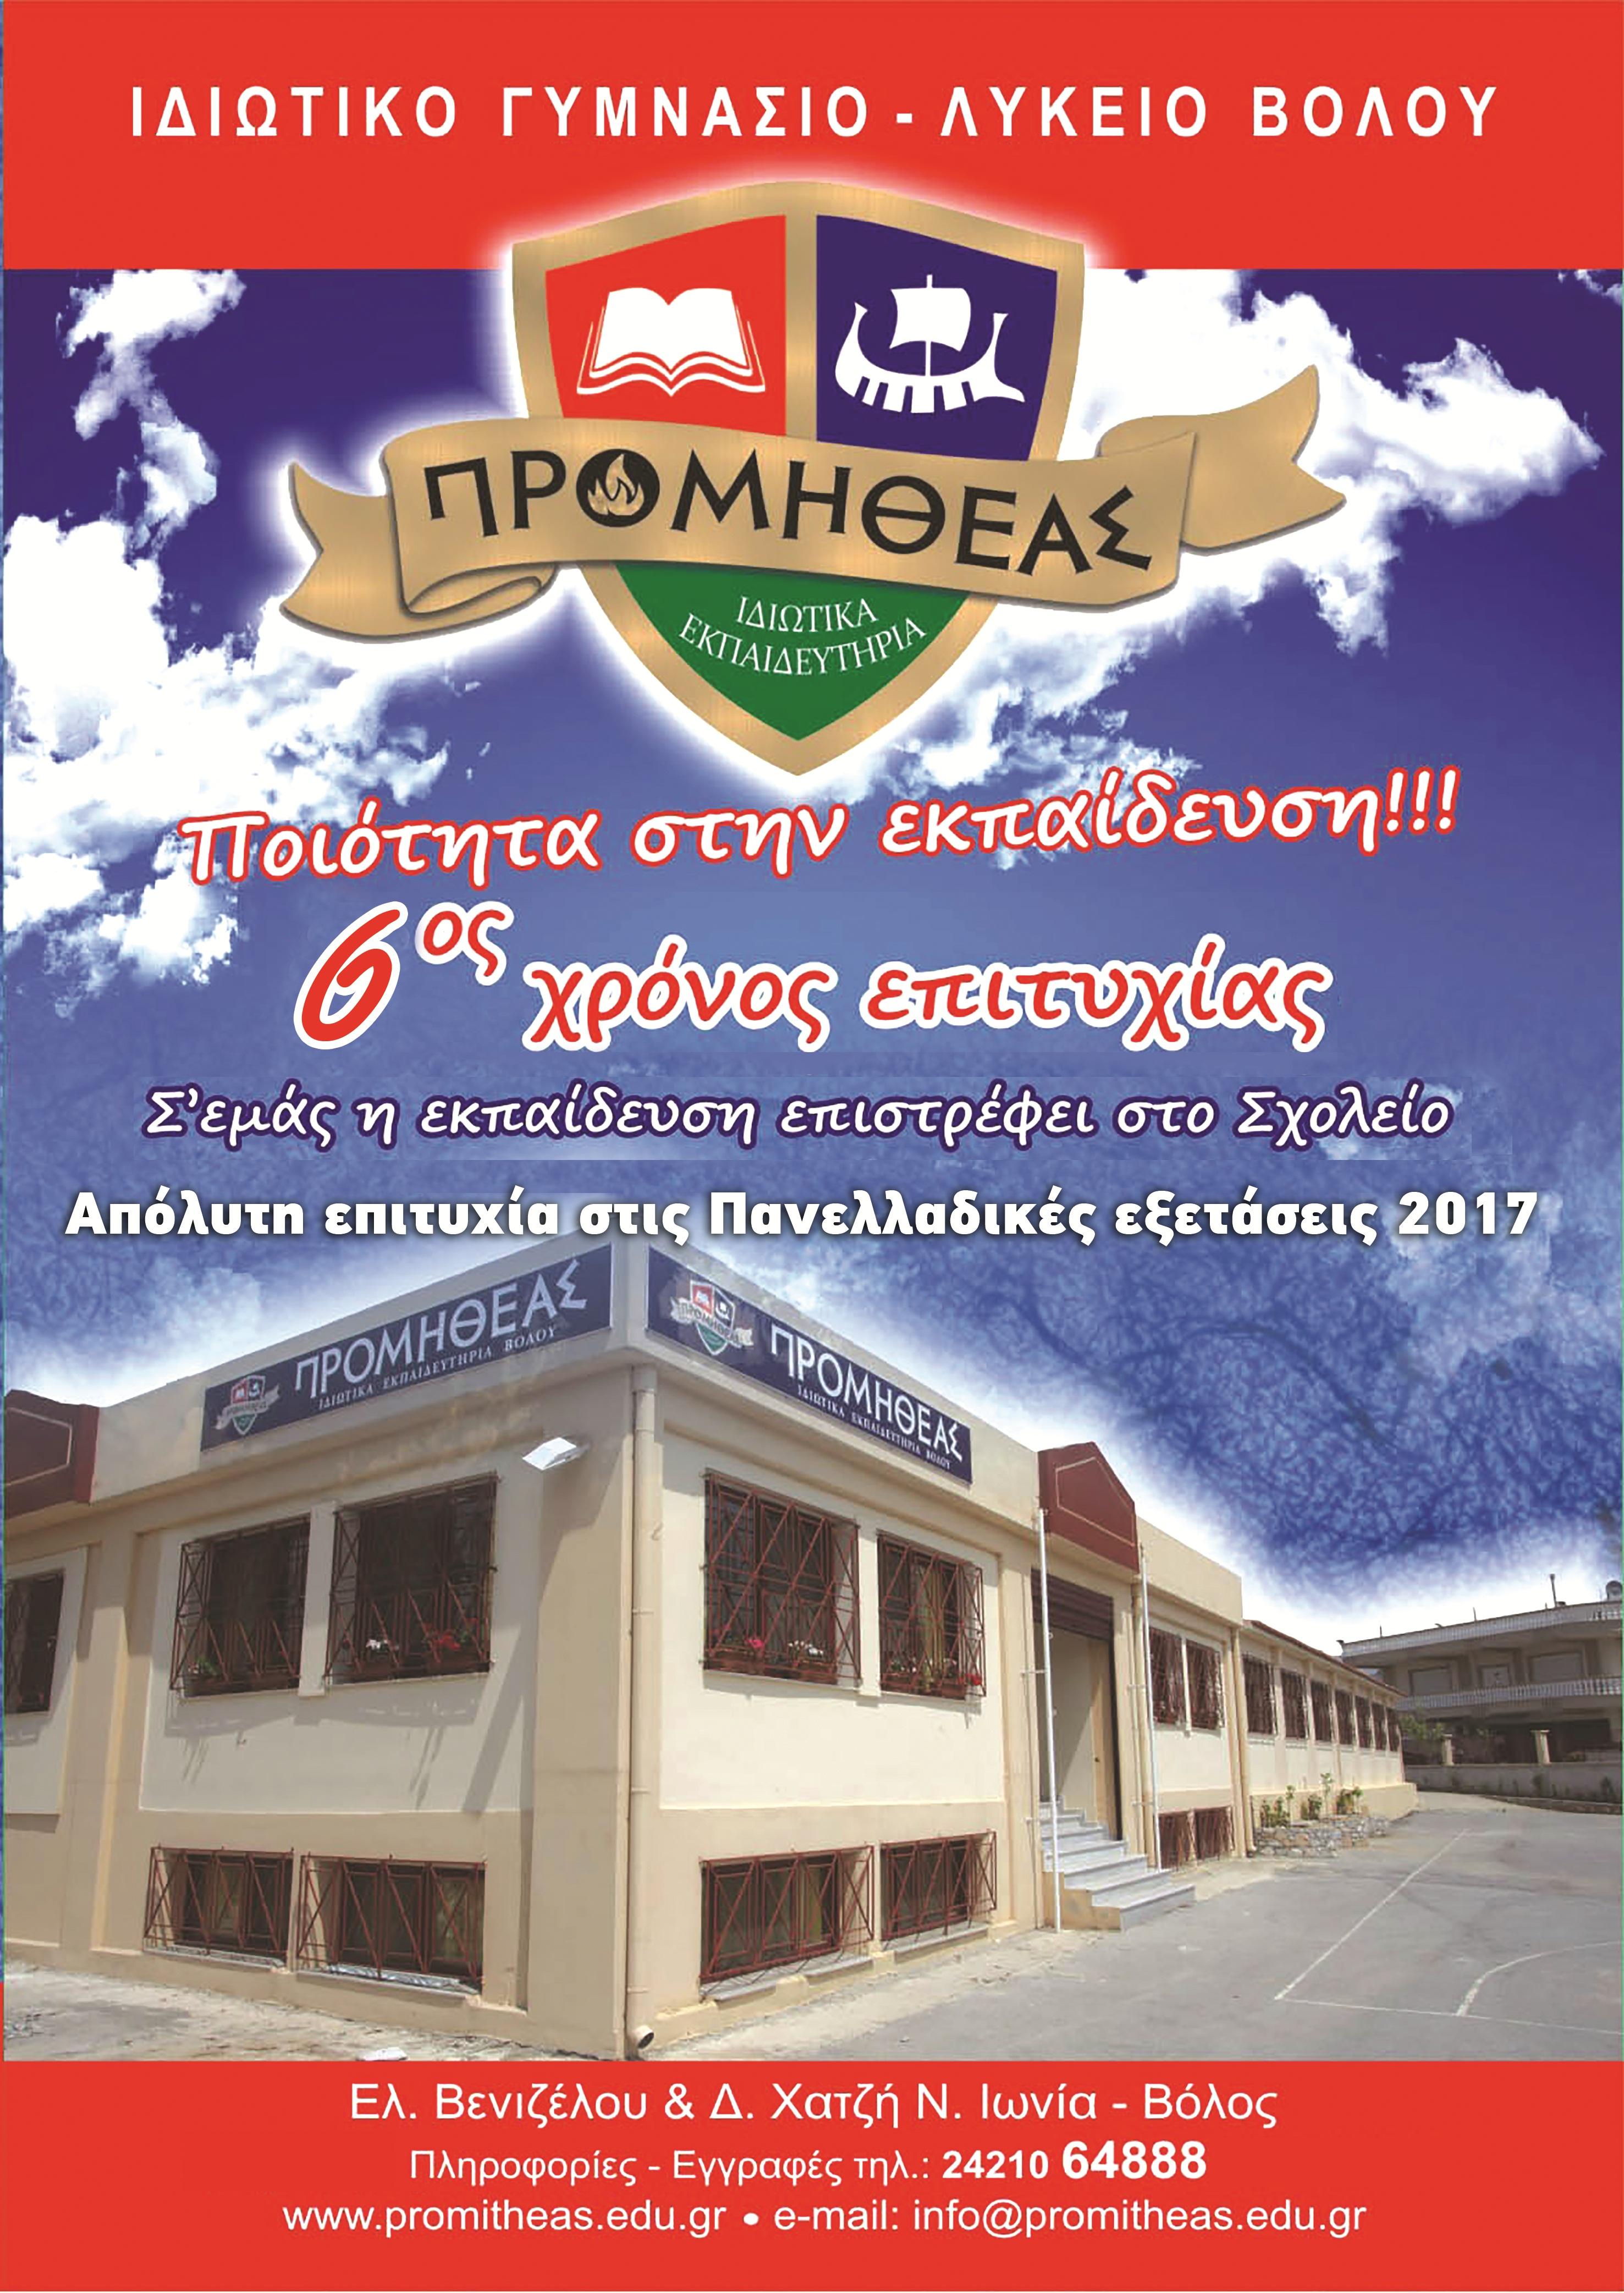 http://promitheas.edu.gr/